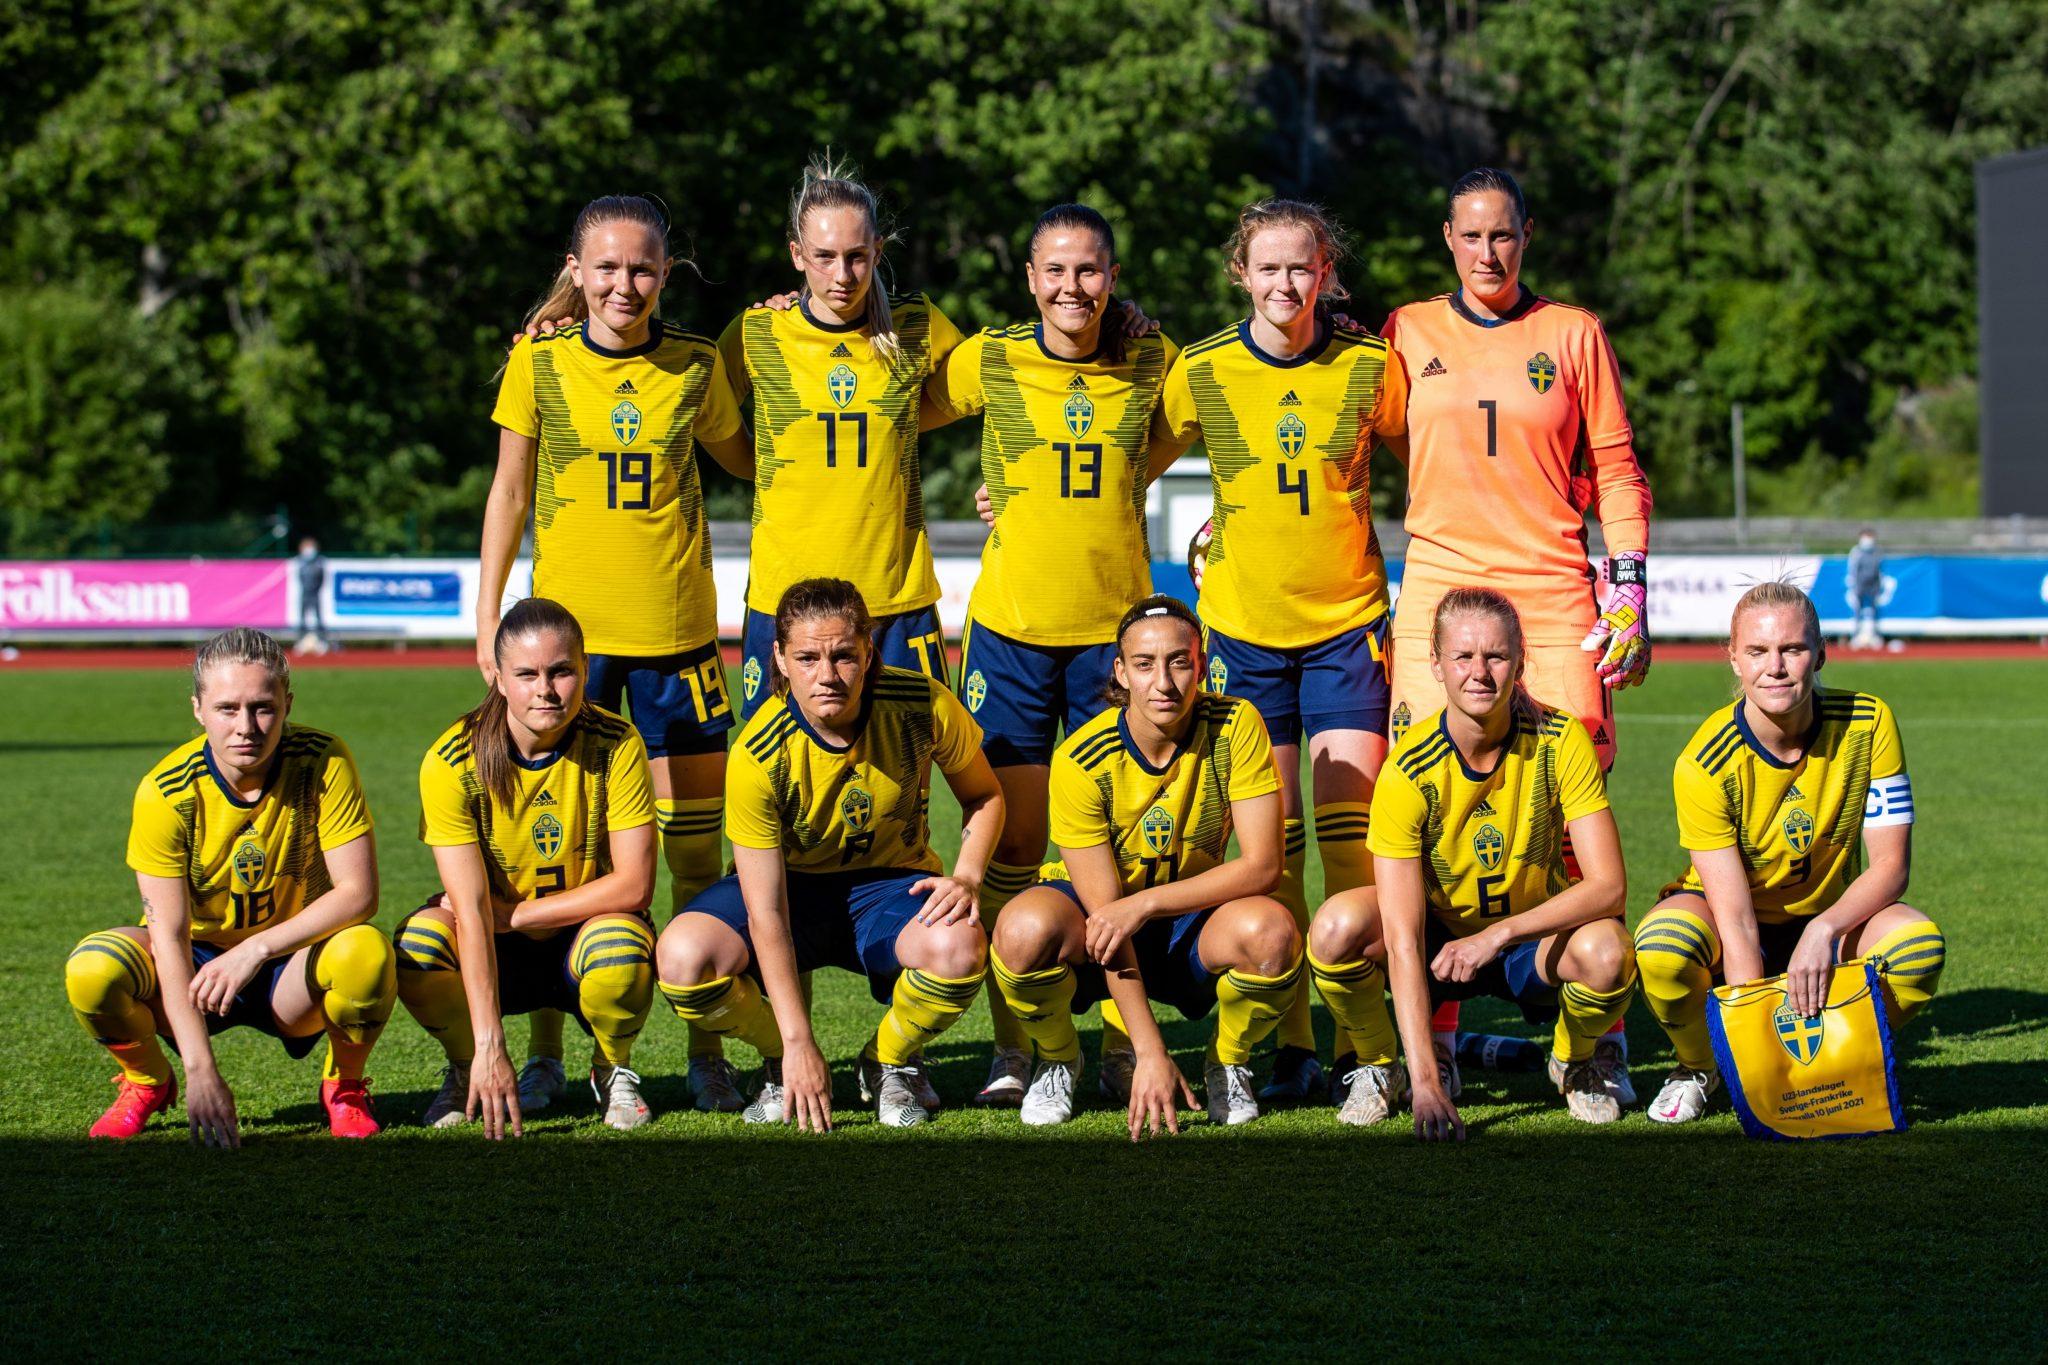 Jong Zweden (vrouwen) te gast bij Rood-Wit